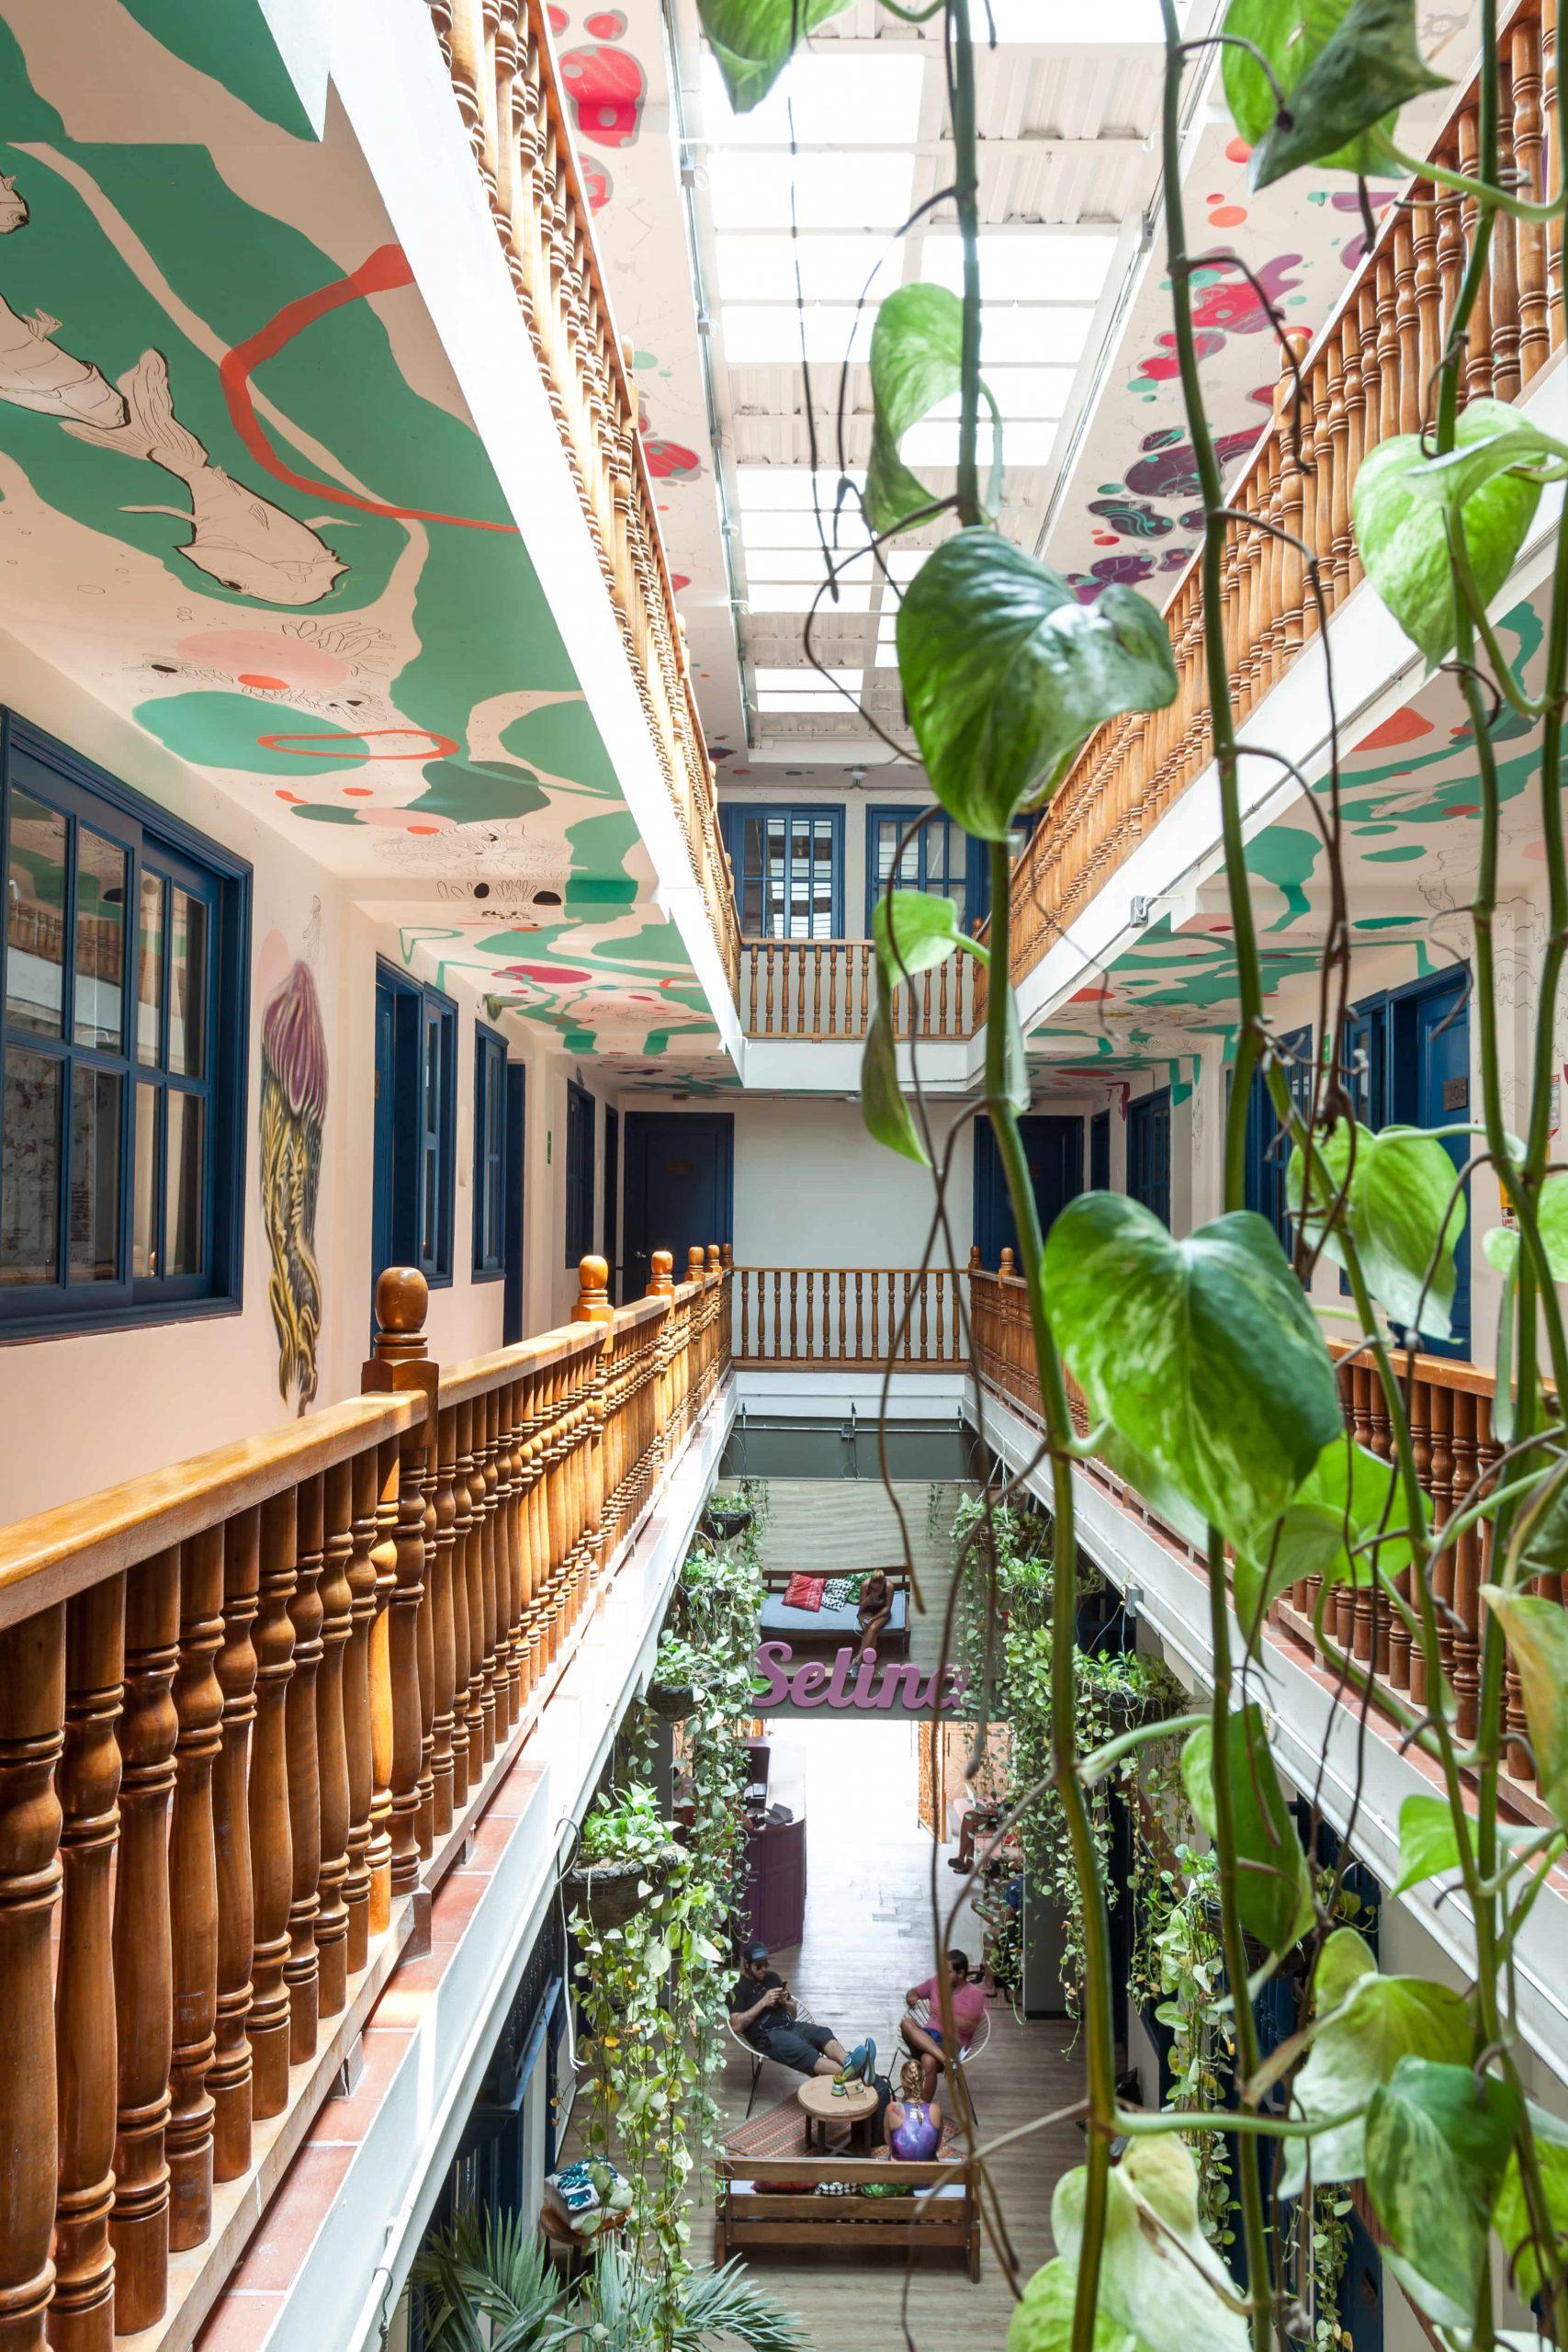 dónde hospedarse en cartagena colombia 2